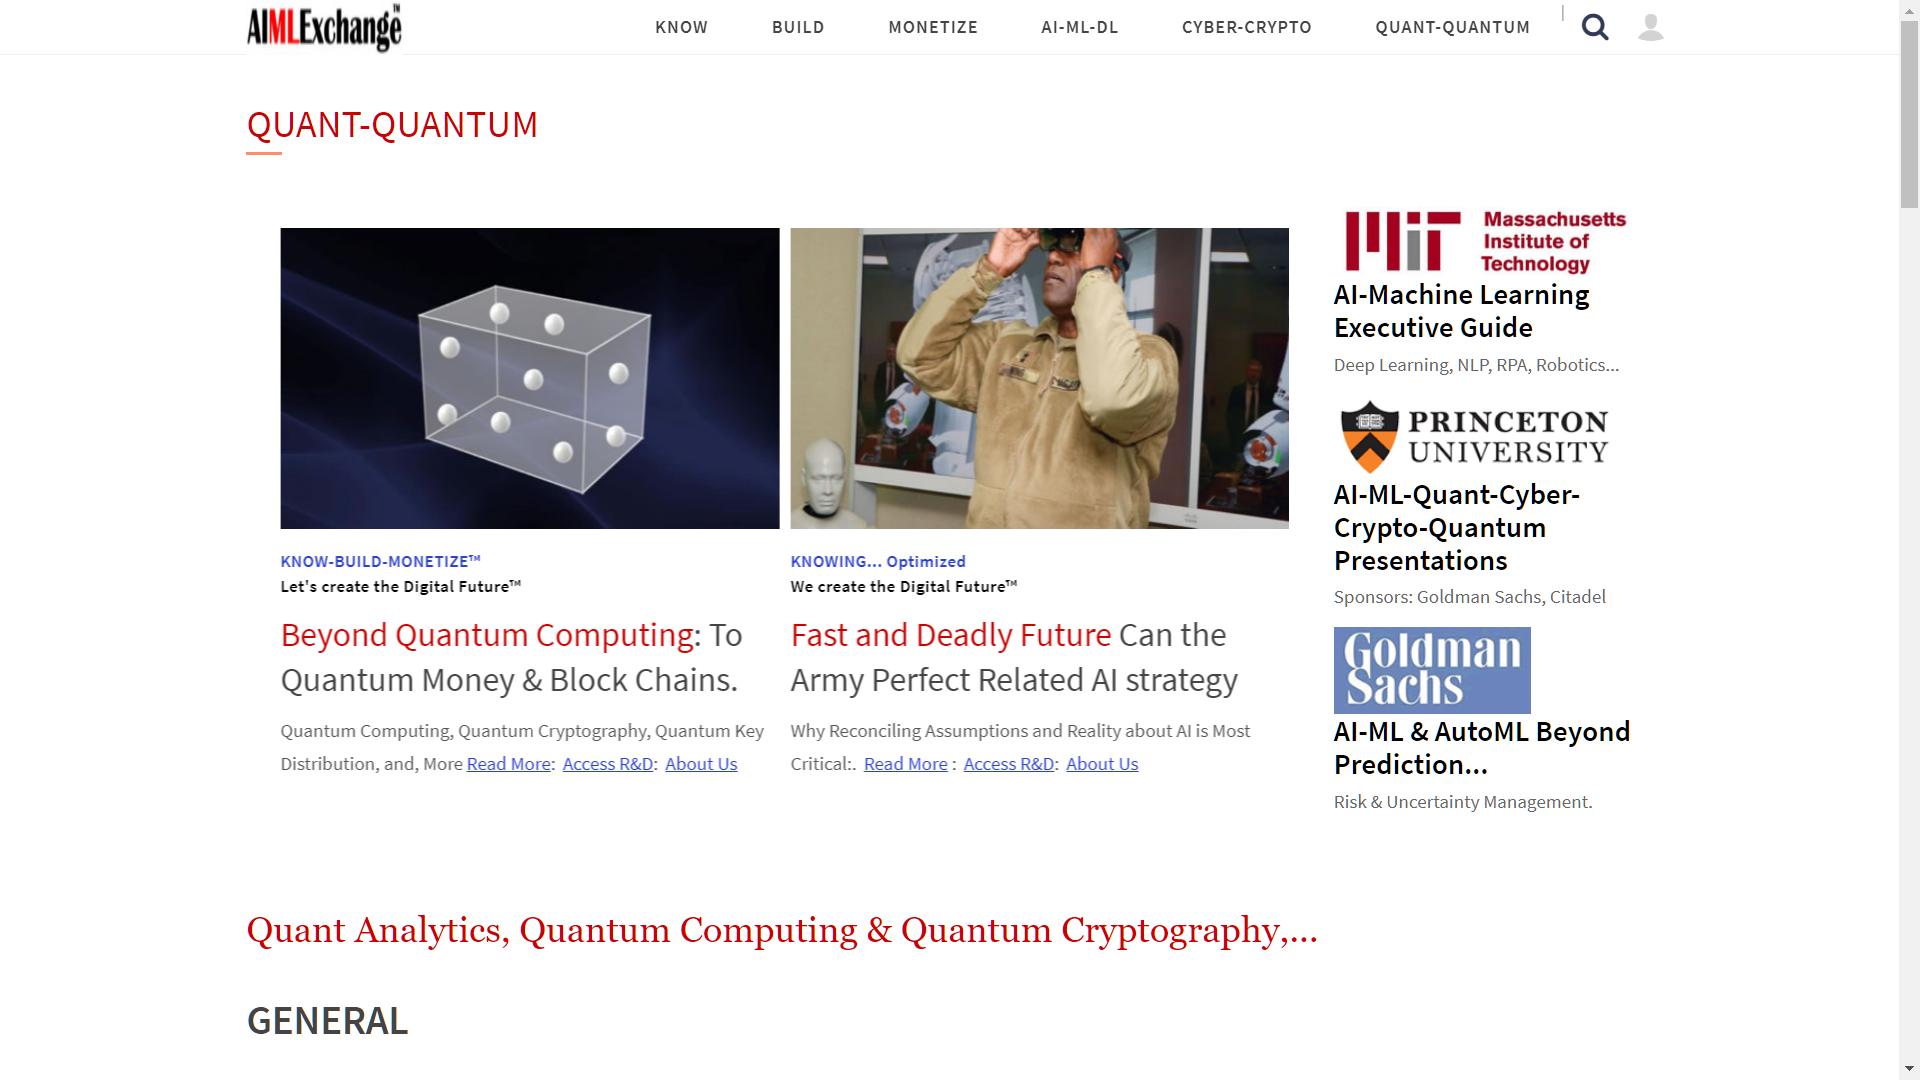 AIMLExchange™: Quant Analytics, Quantum Computing & Quantum Cryptography,...